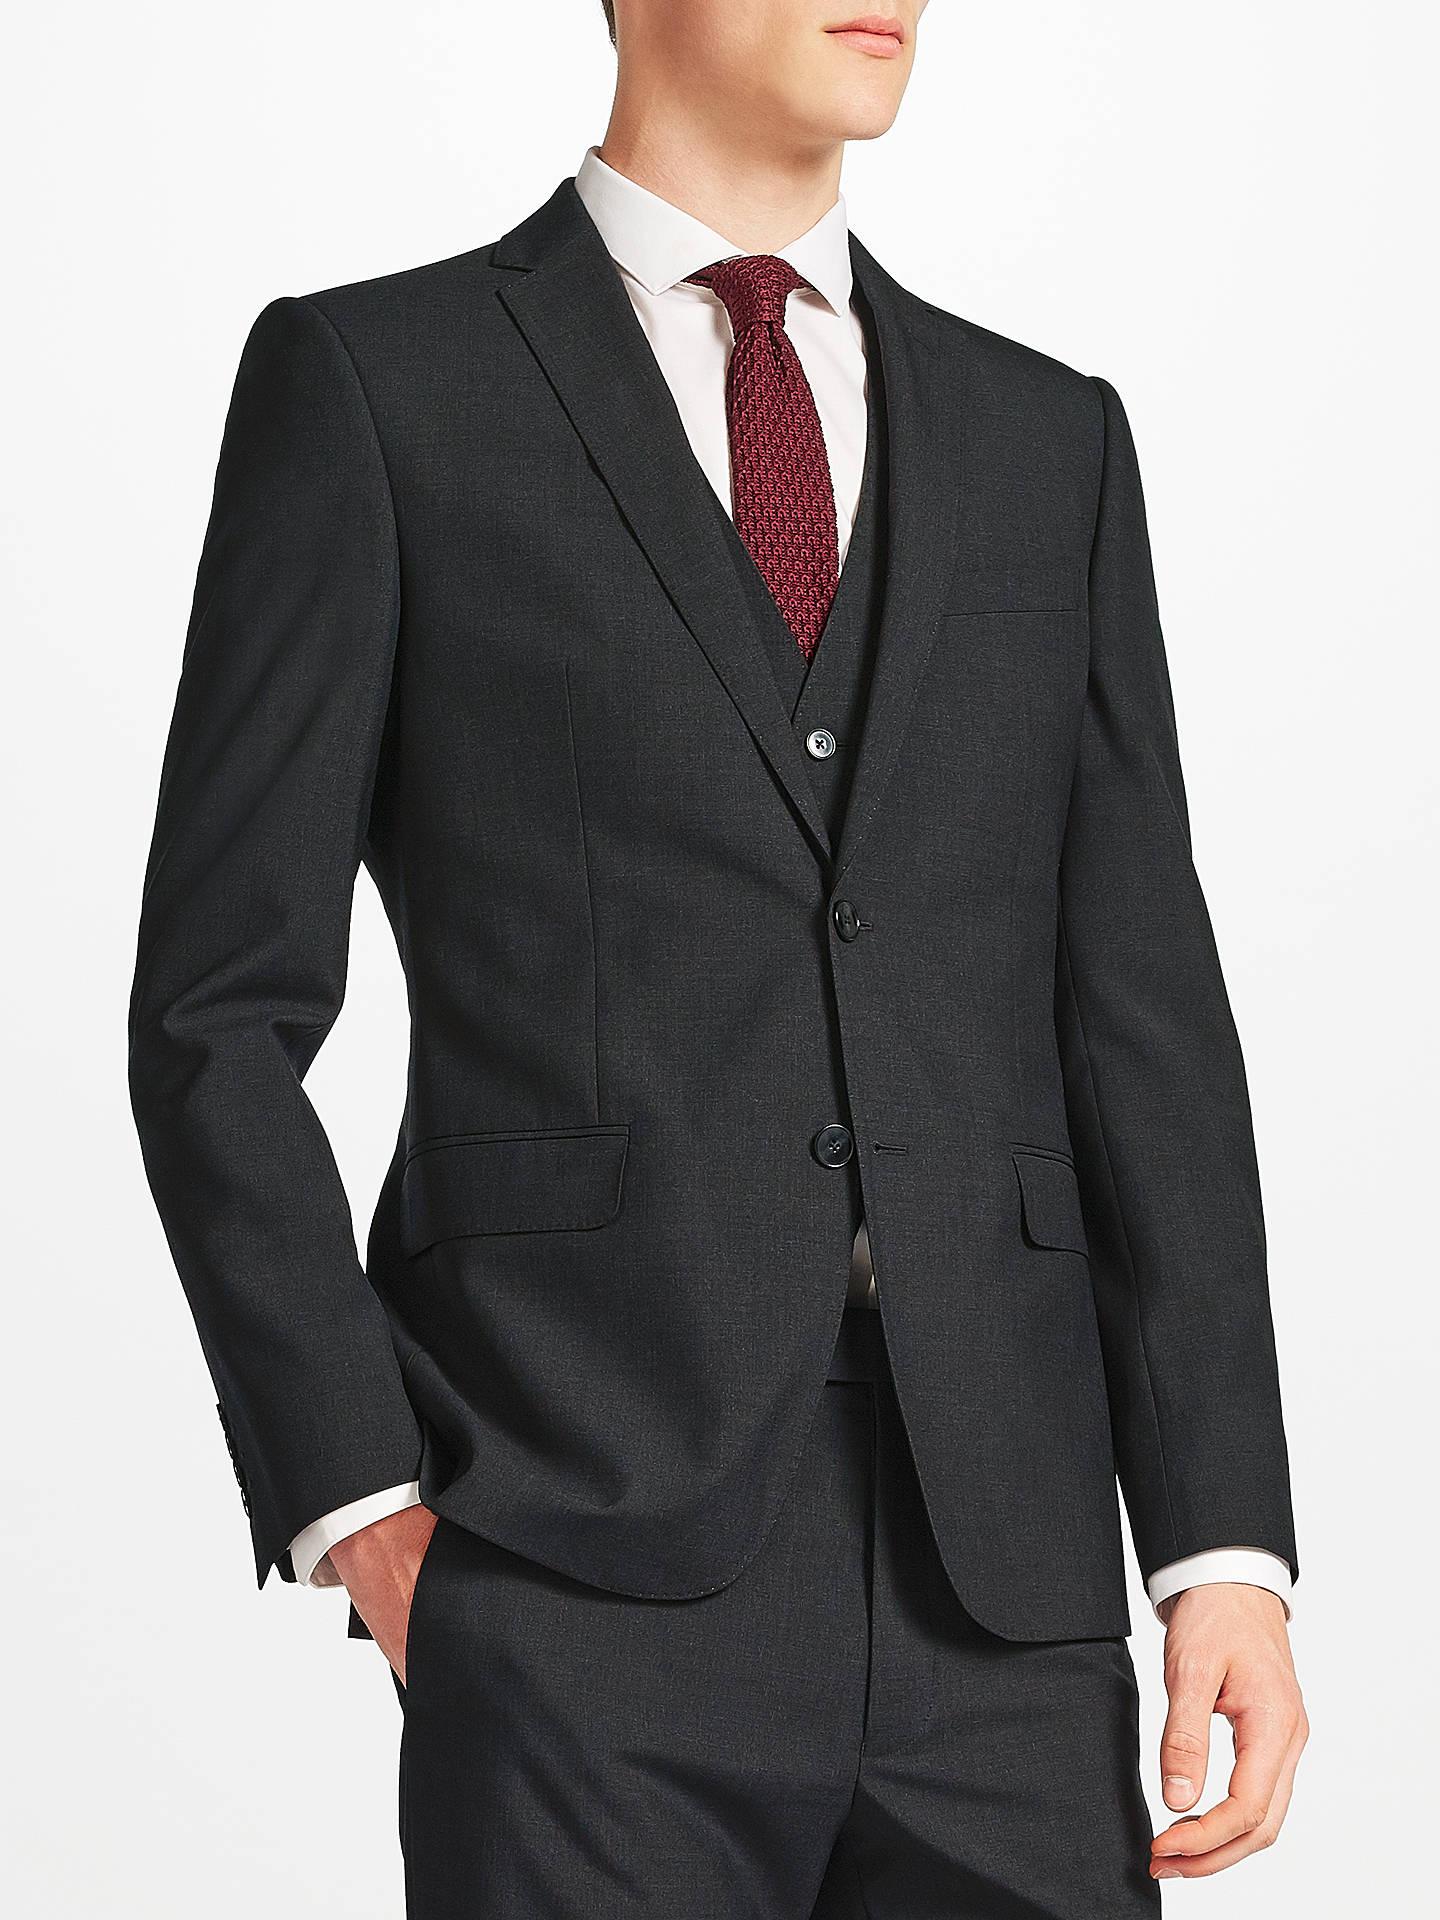 9d7a245ce9fd Buy Kin Norton Slim Fit Suit Jacket